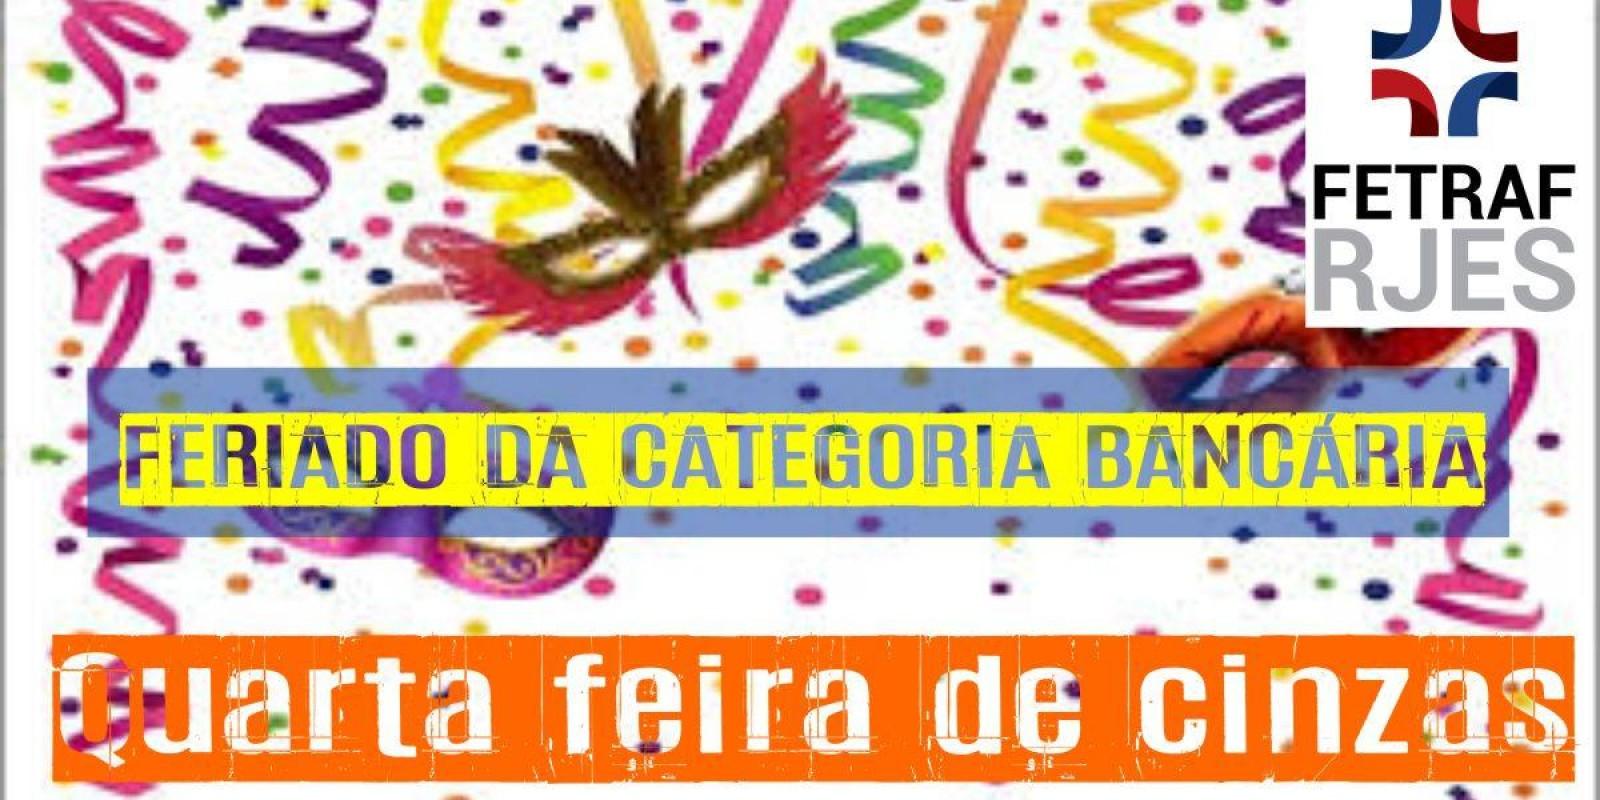 Quarta feira de cinzas, feriado estadual para a categoria bancária, bancos só abrirão na quinta feira (07)